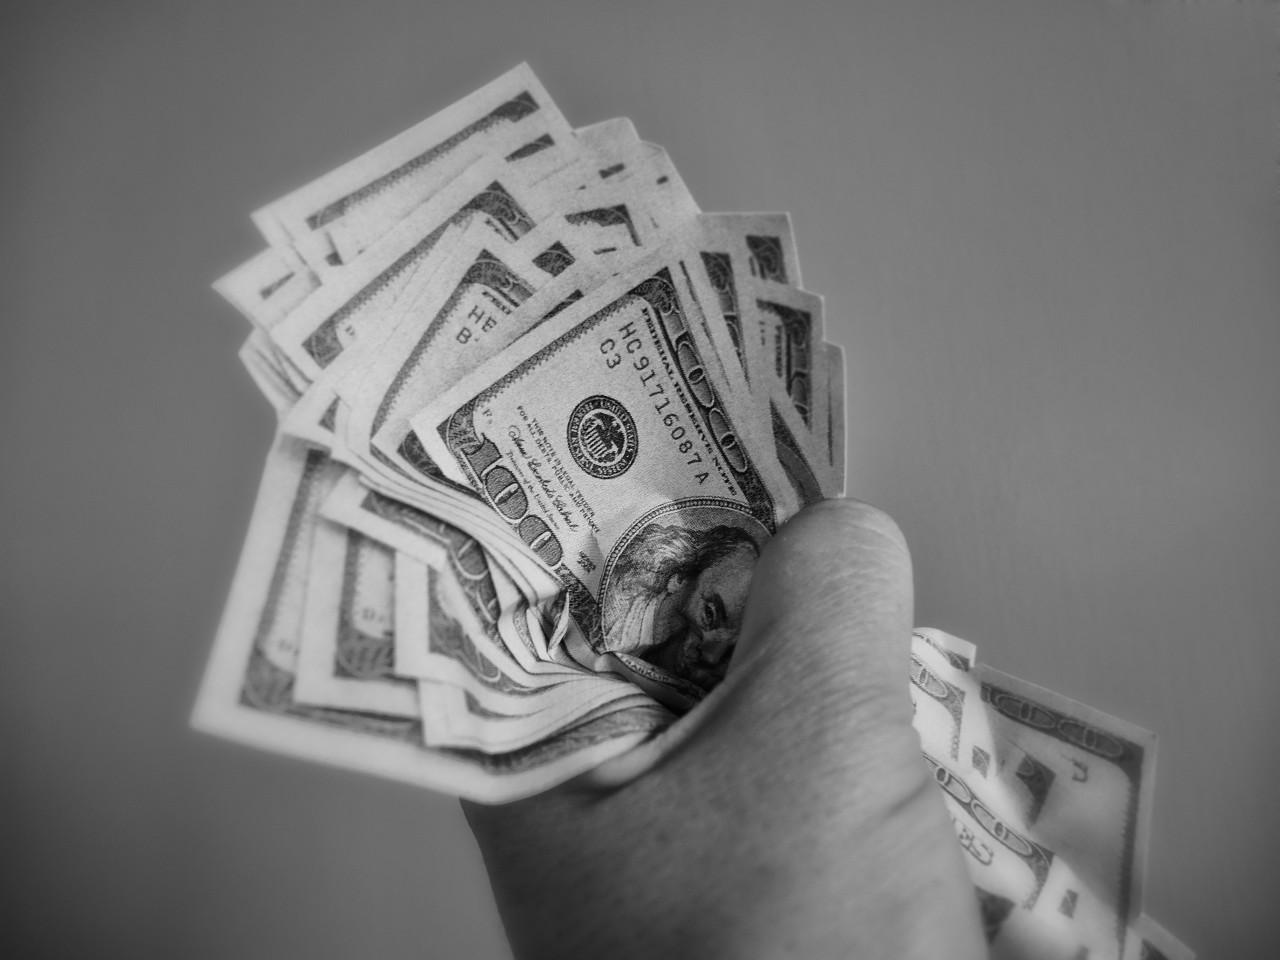 宏观 | 全球性经济危机下的生存策略:房产、股市与现金